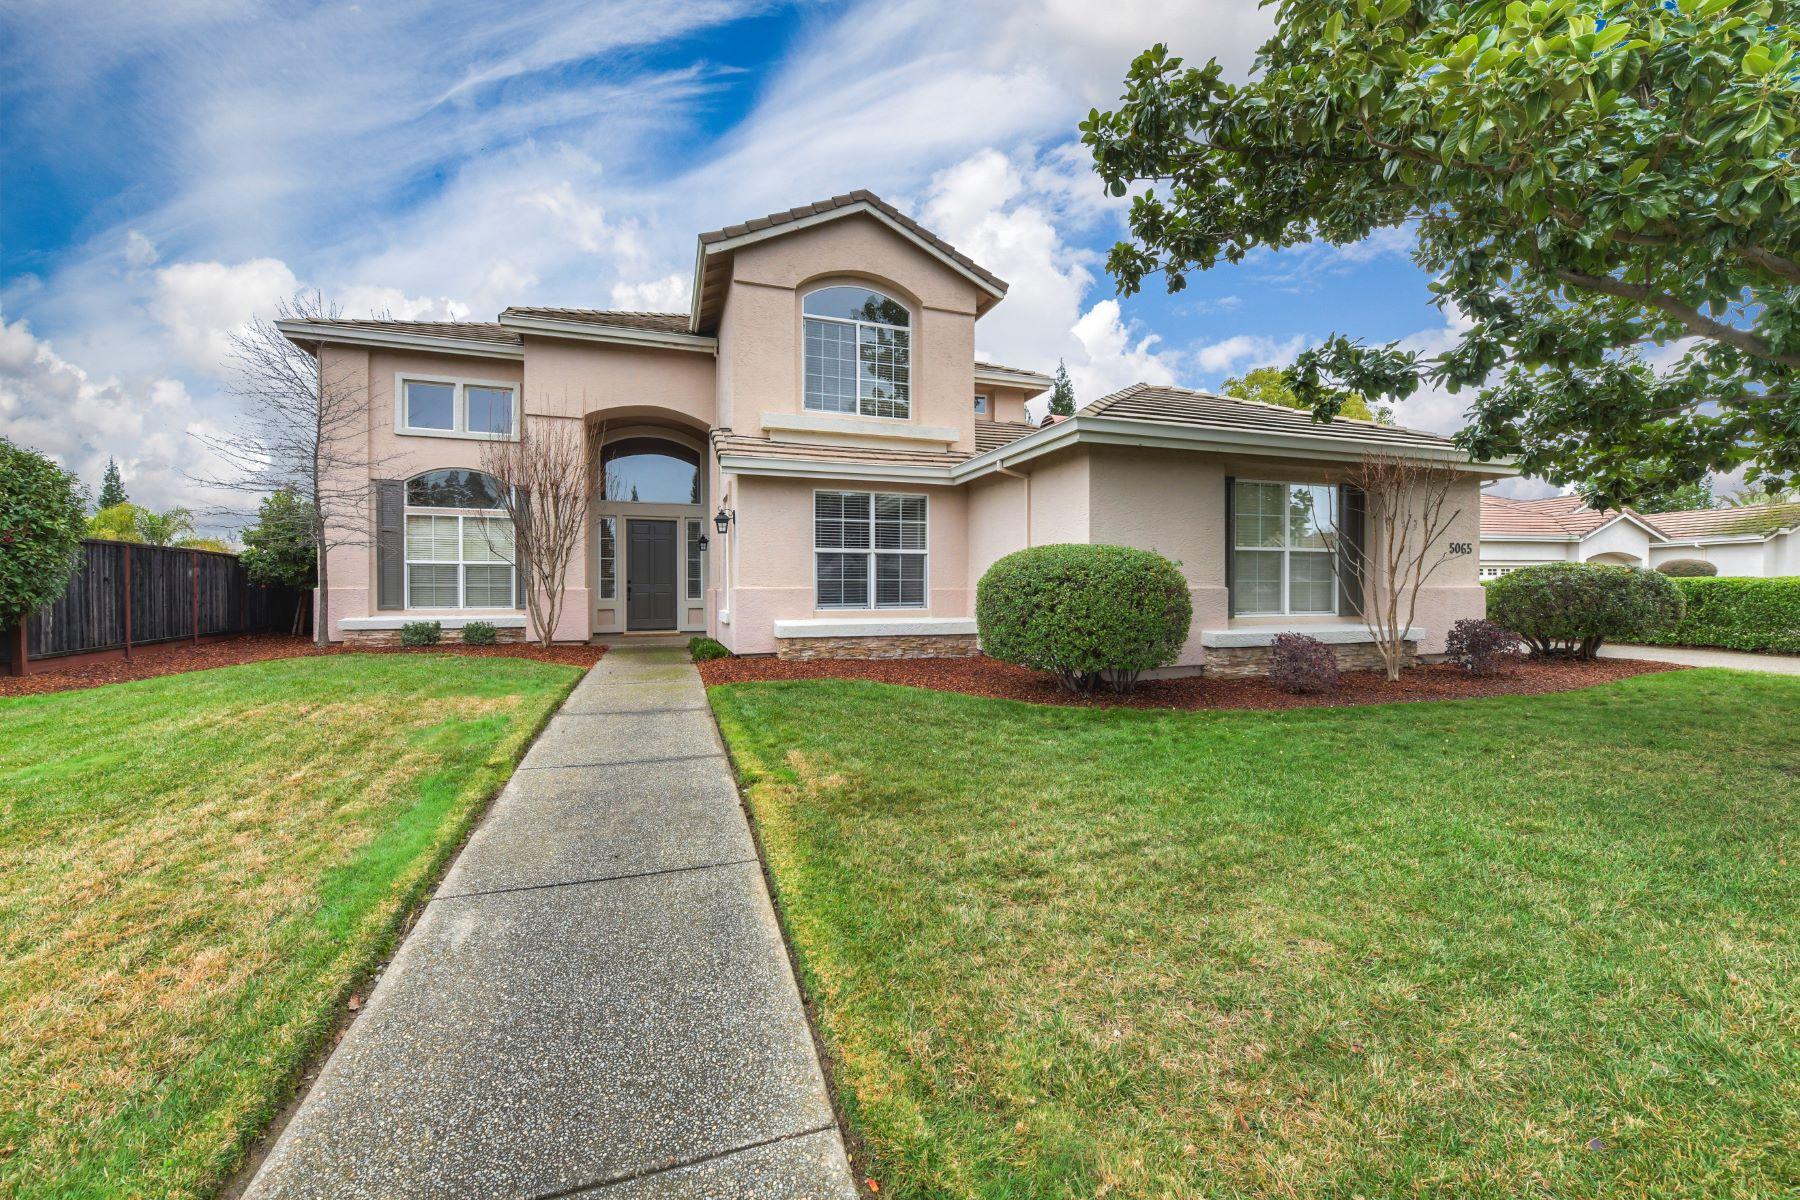 Casa Unifamiliar por un Venta en 5065 Chelshire Downs Rd, Granite Bay, CA 95746 5065 Chelshire Downs Rd Granite Bay, California 95746 Estados Unidos